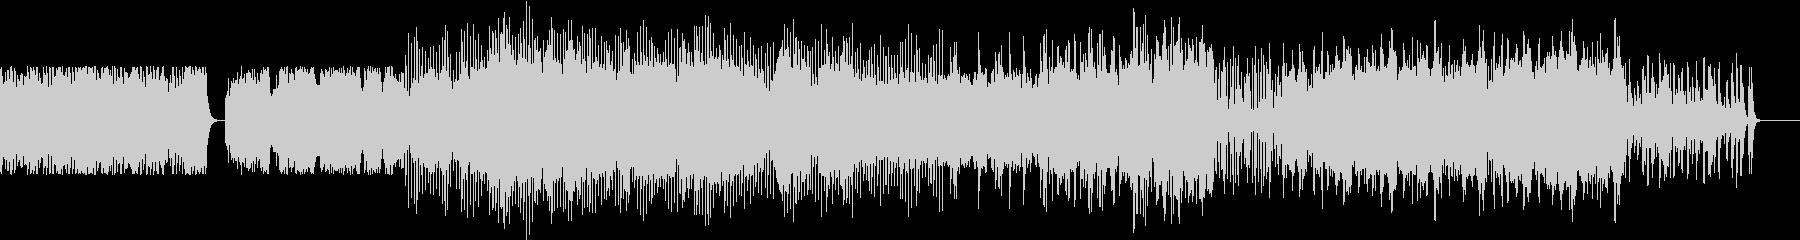 切ないバイオリンエレクトロの未再生の波形